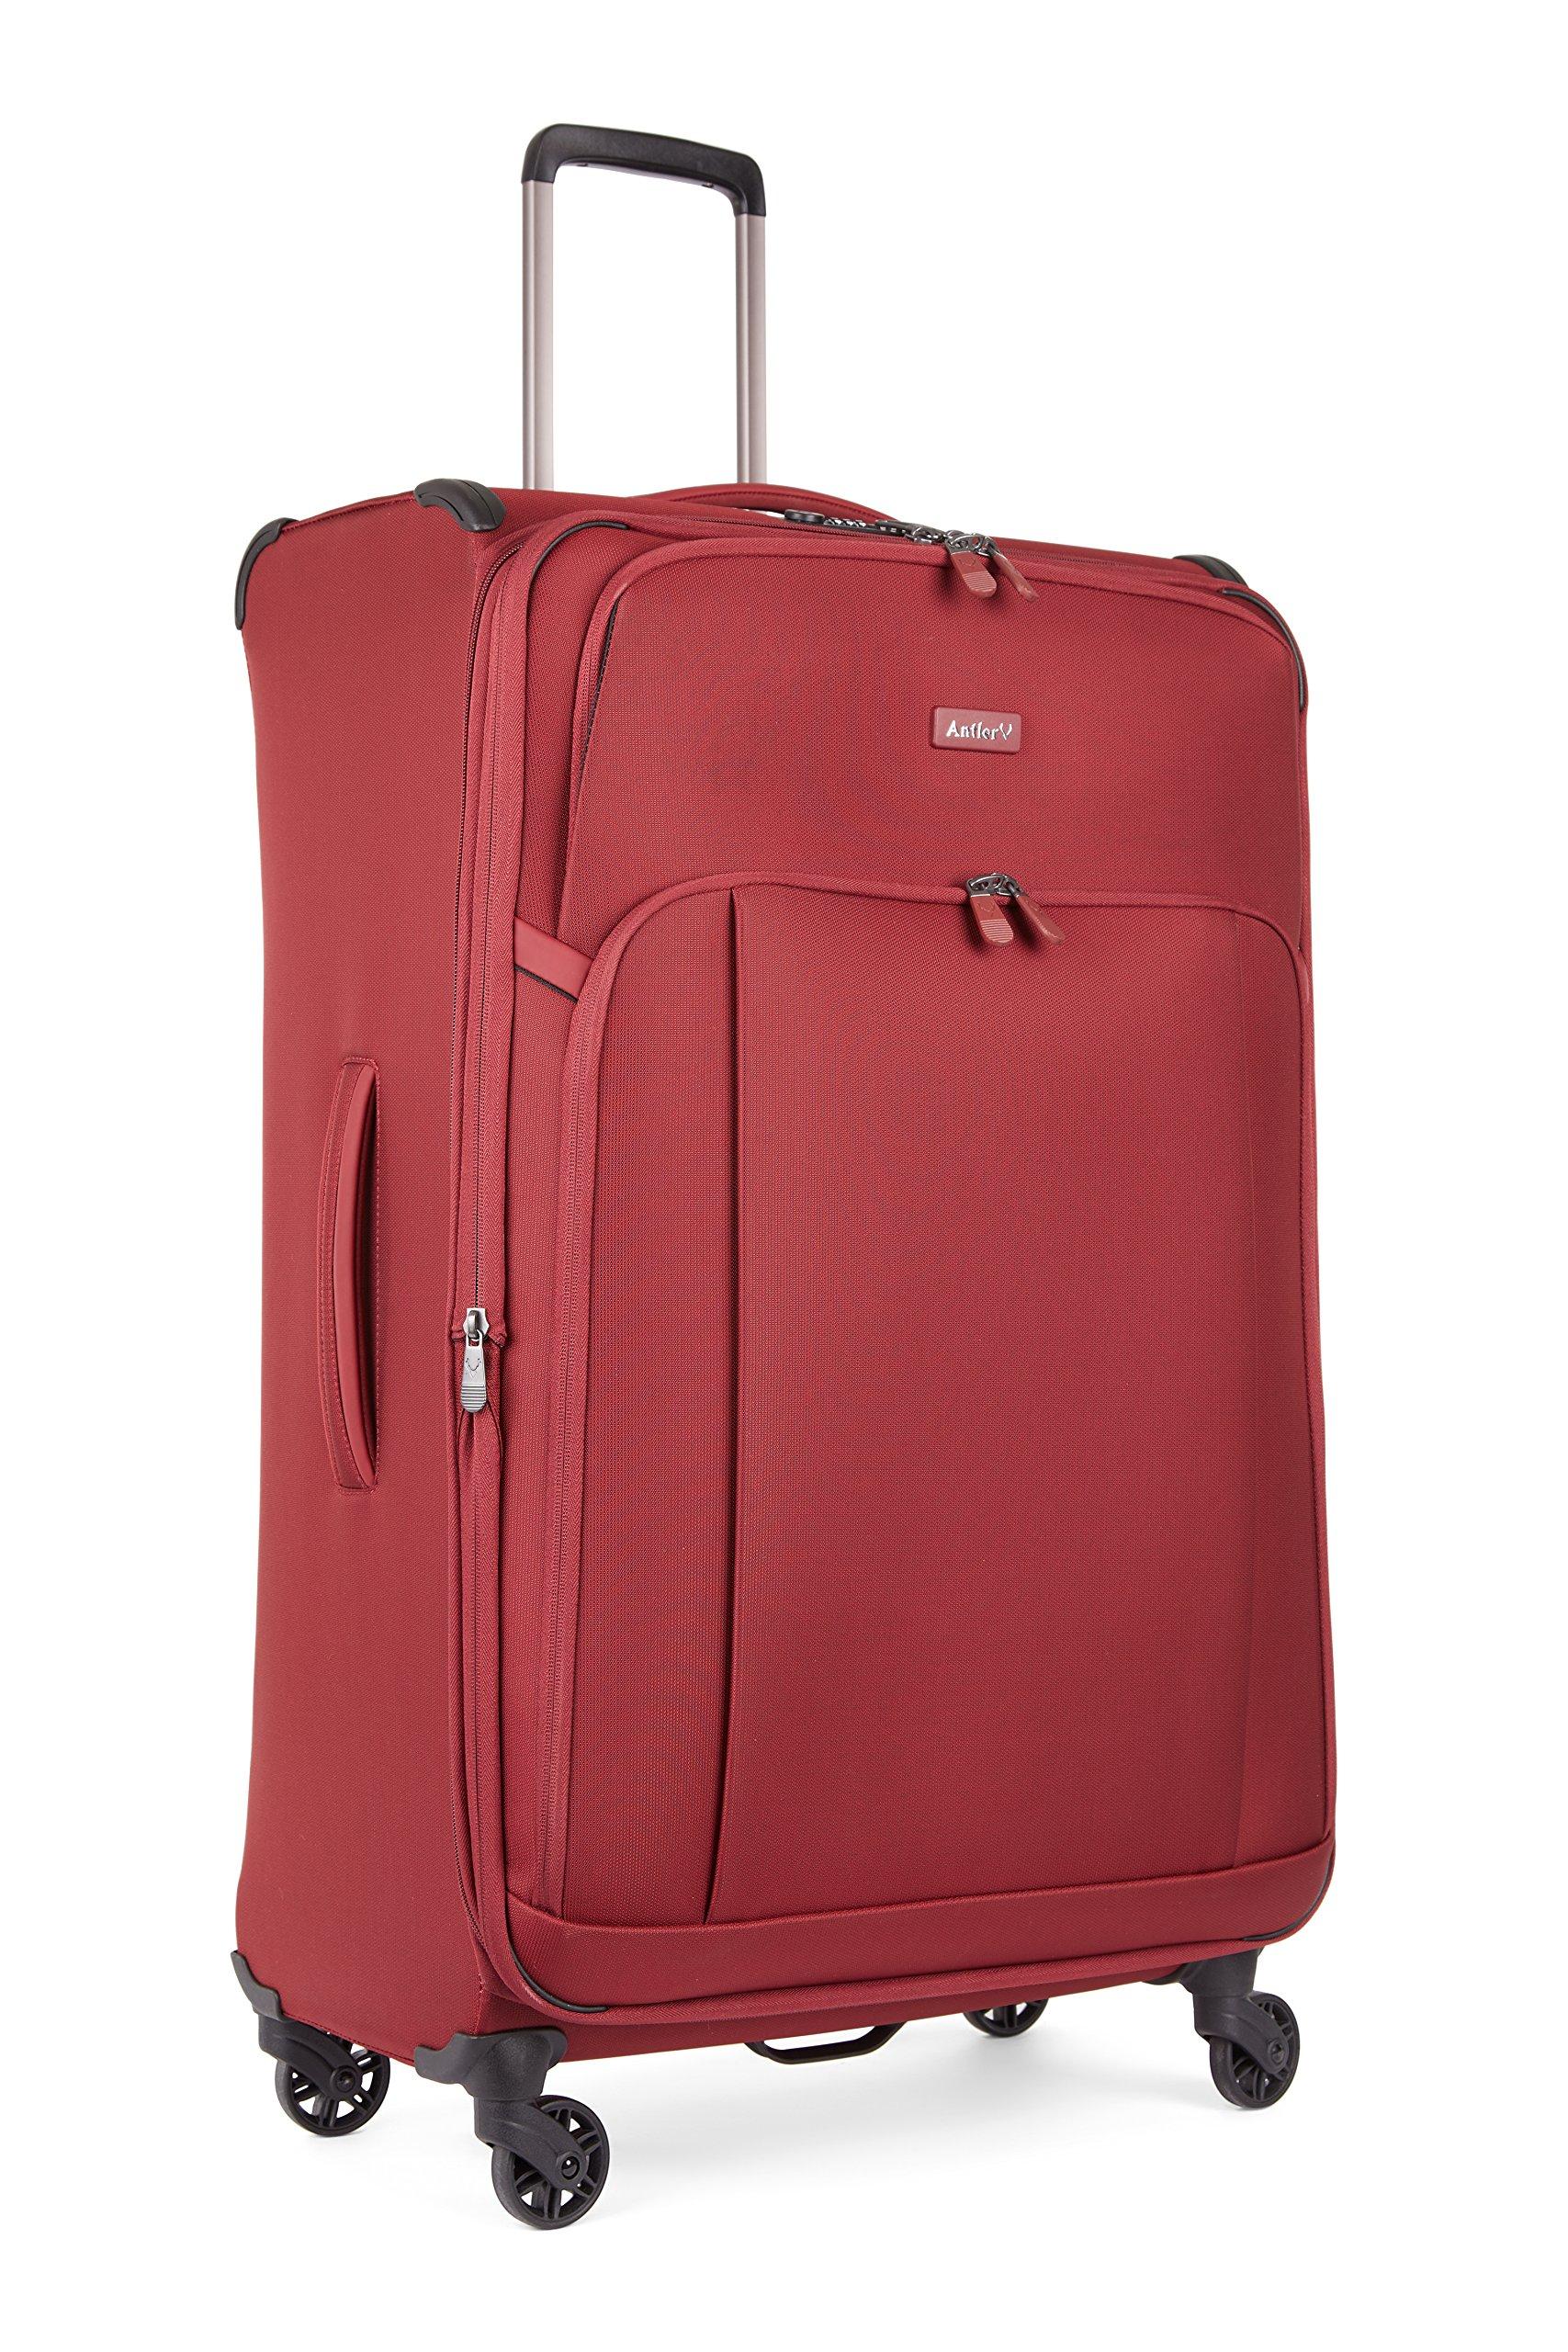 48d0900e8d55 I❶I Antler Suitcase Atmosphere 4 Wheel Spinner Large 82cm-106L Burgundy 82  cm 106 liters Rot Burgundy - Kofferladen.com